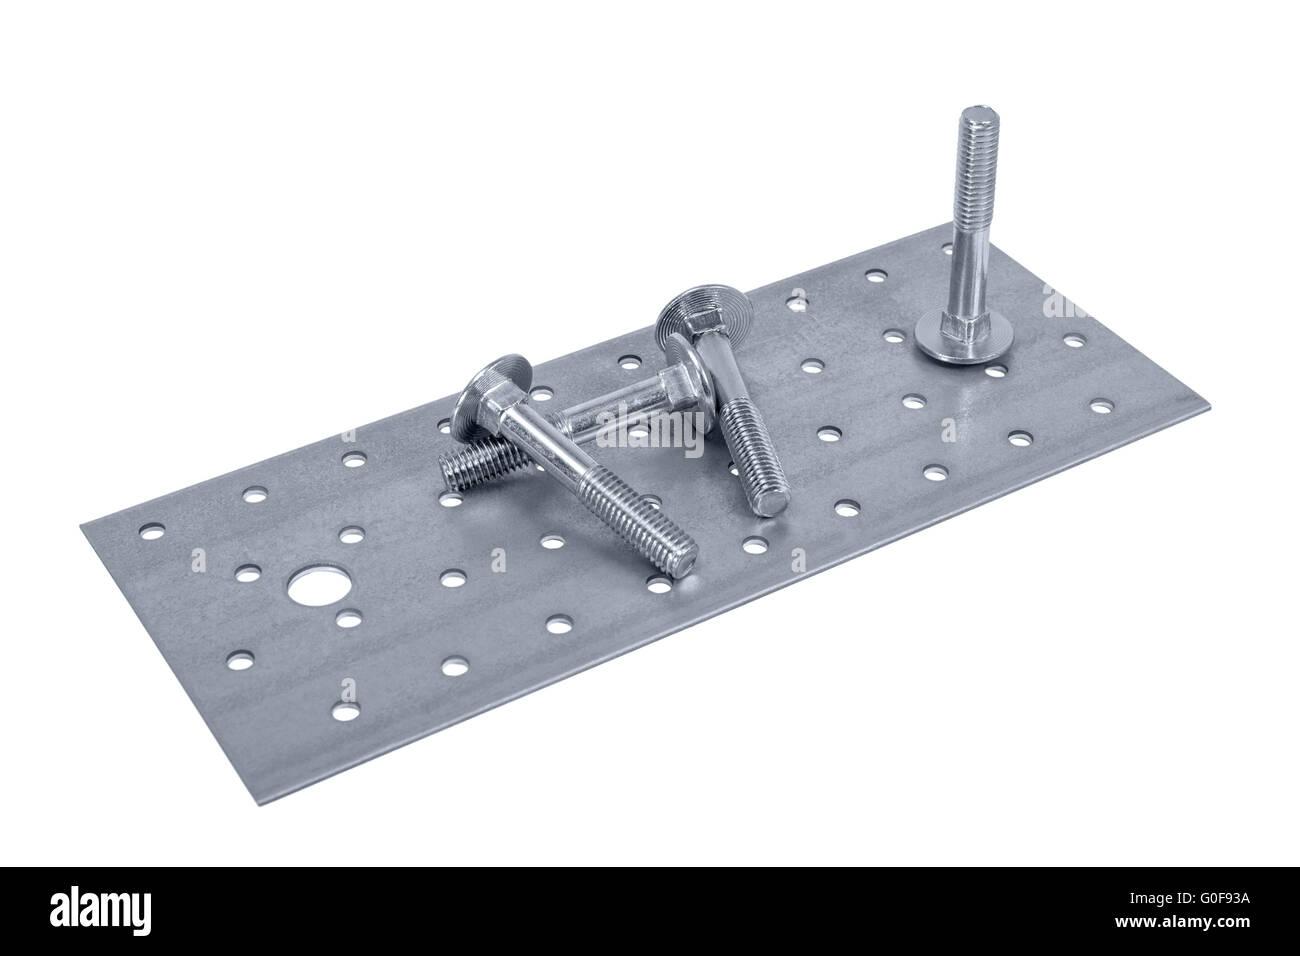 Lochblech Mobel Schrauben Und Muttern Stockfoto Bild 103598638 Alamy